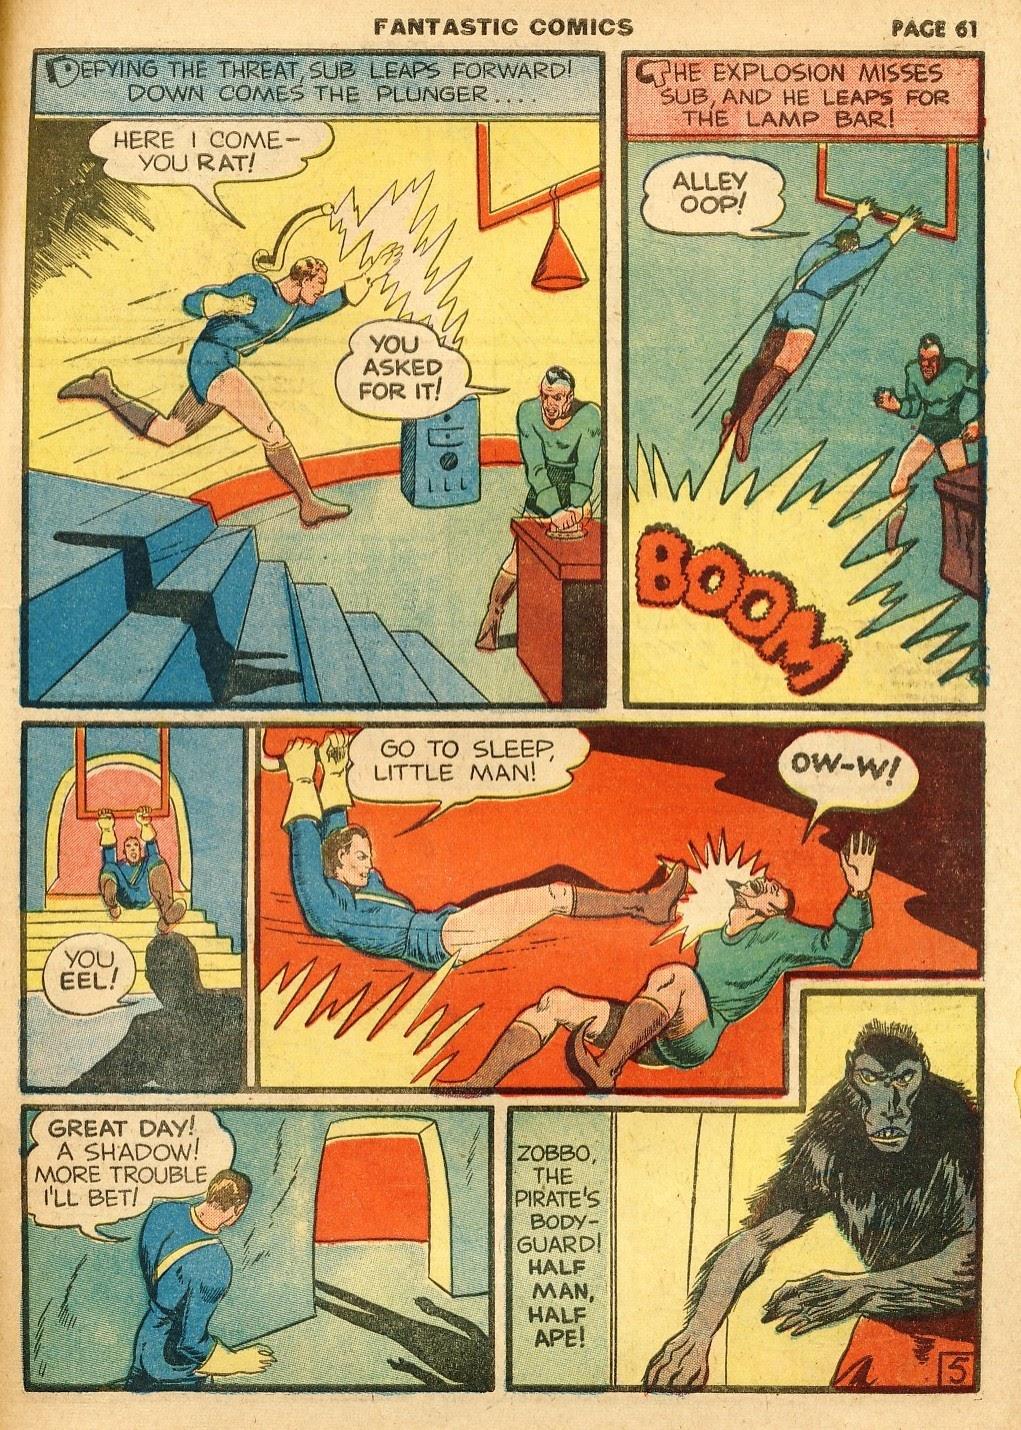 Read online Fantastic Comics comic -  Issue #10 - 62